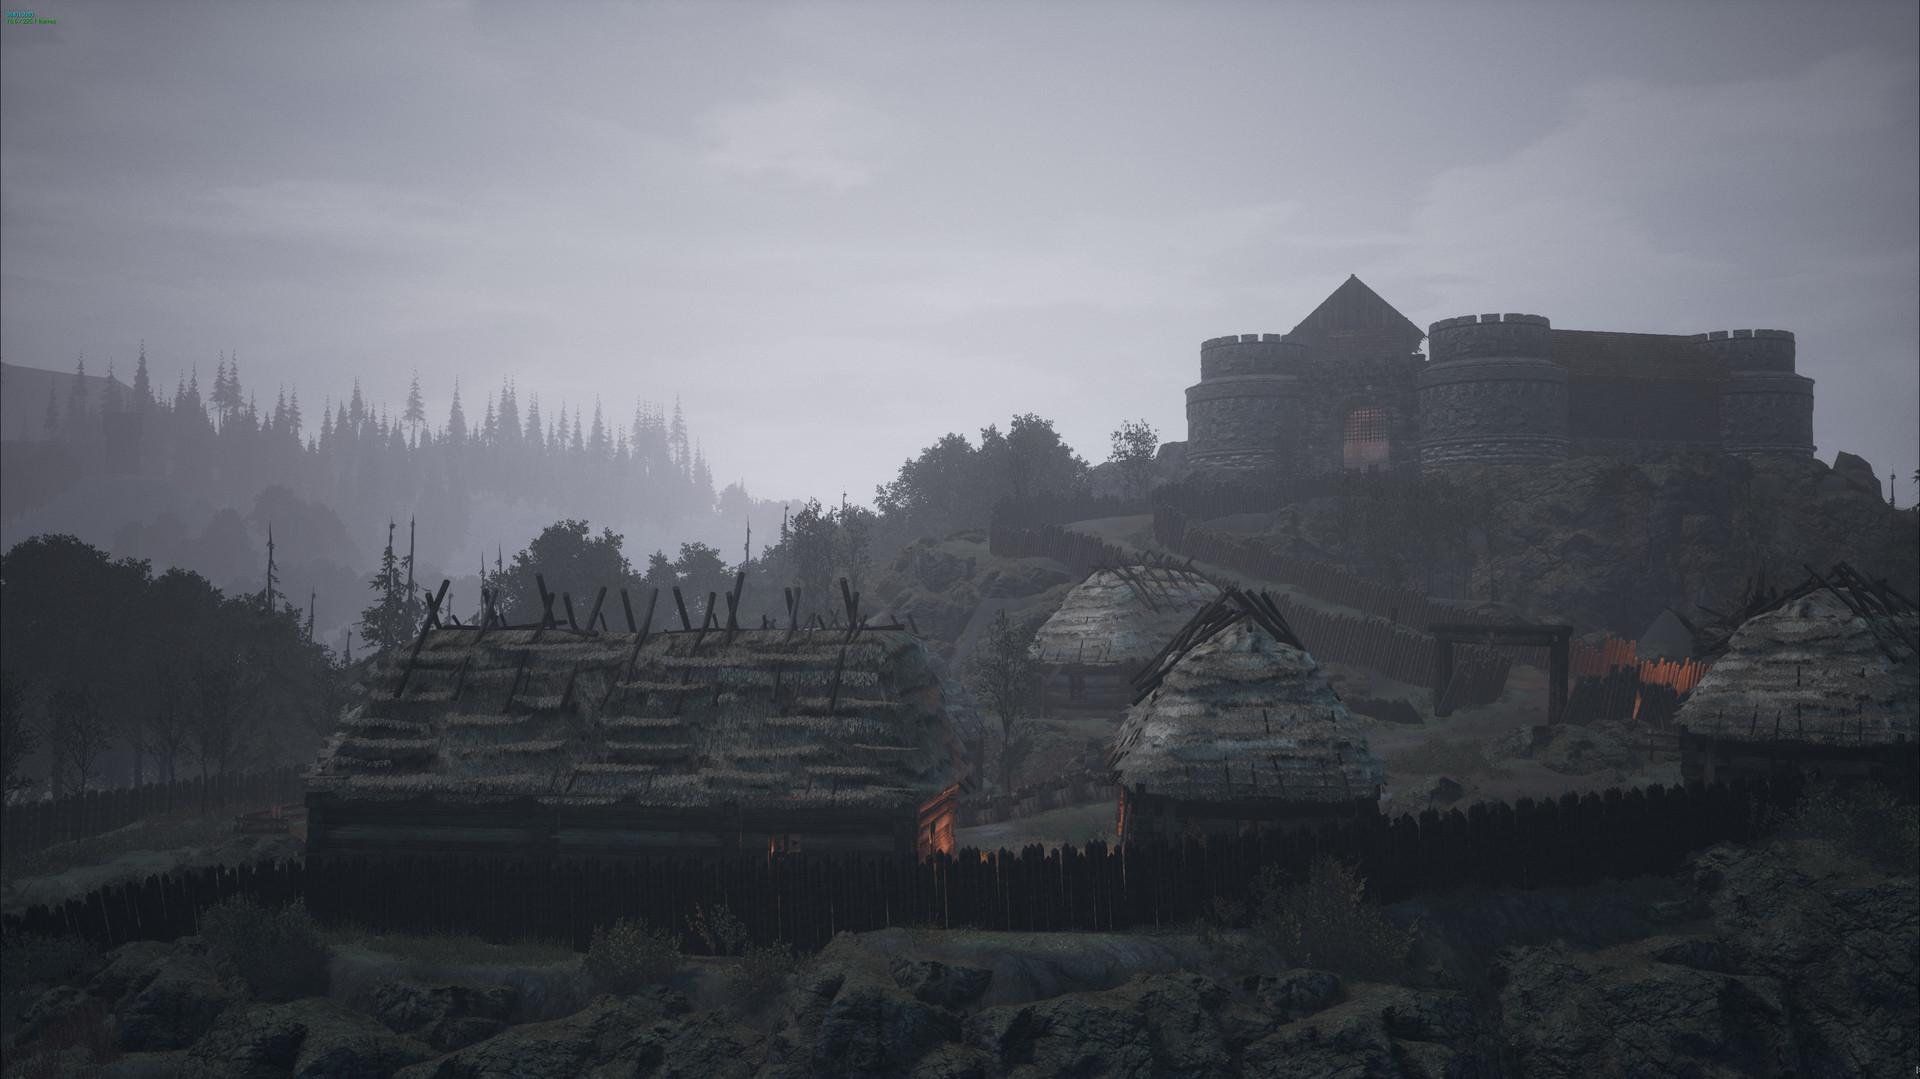 The Black Death - Ein Burg in mittelalterlichen Europa